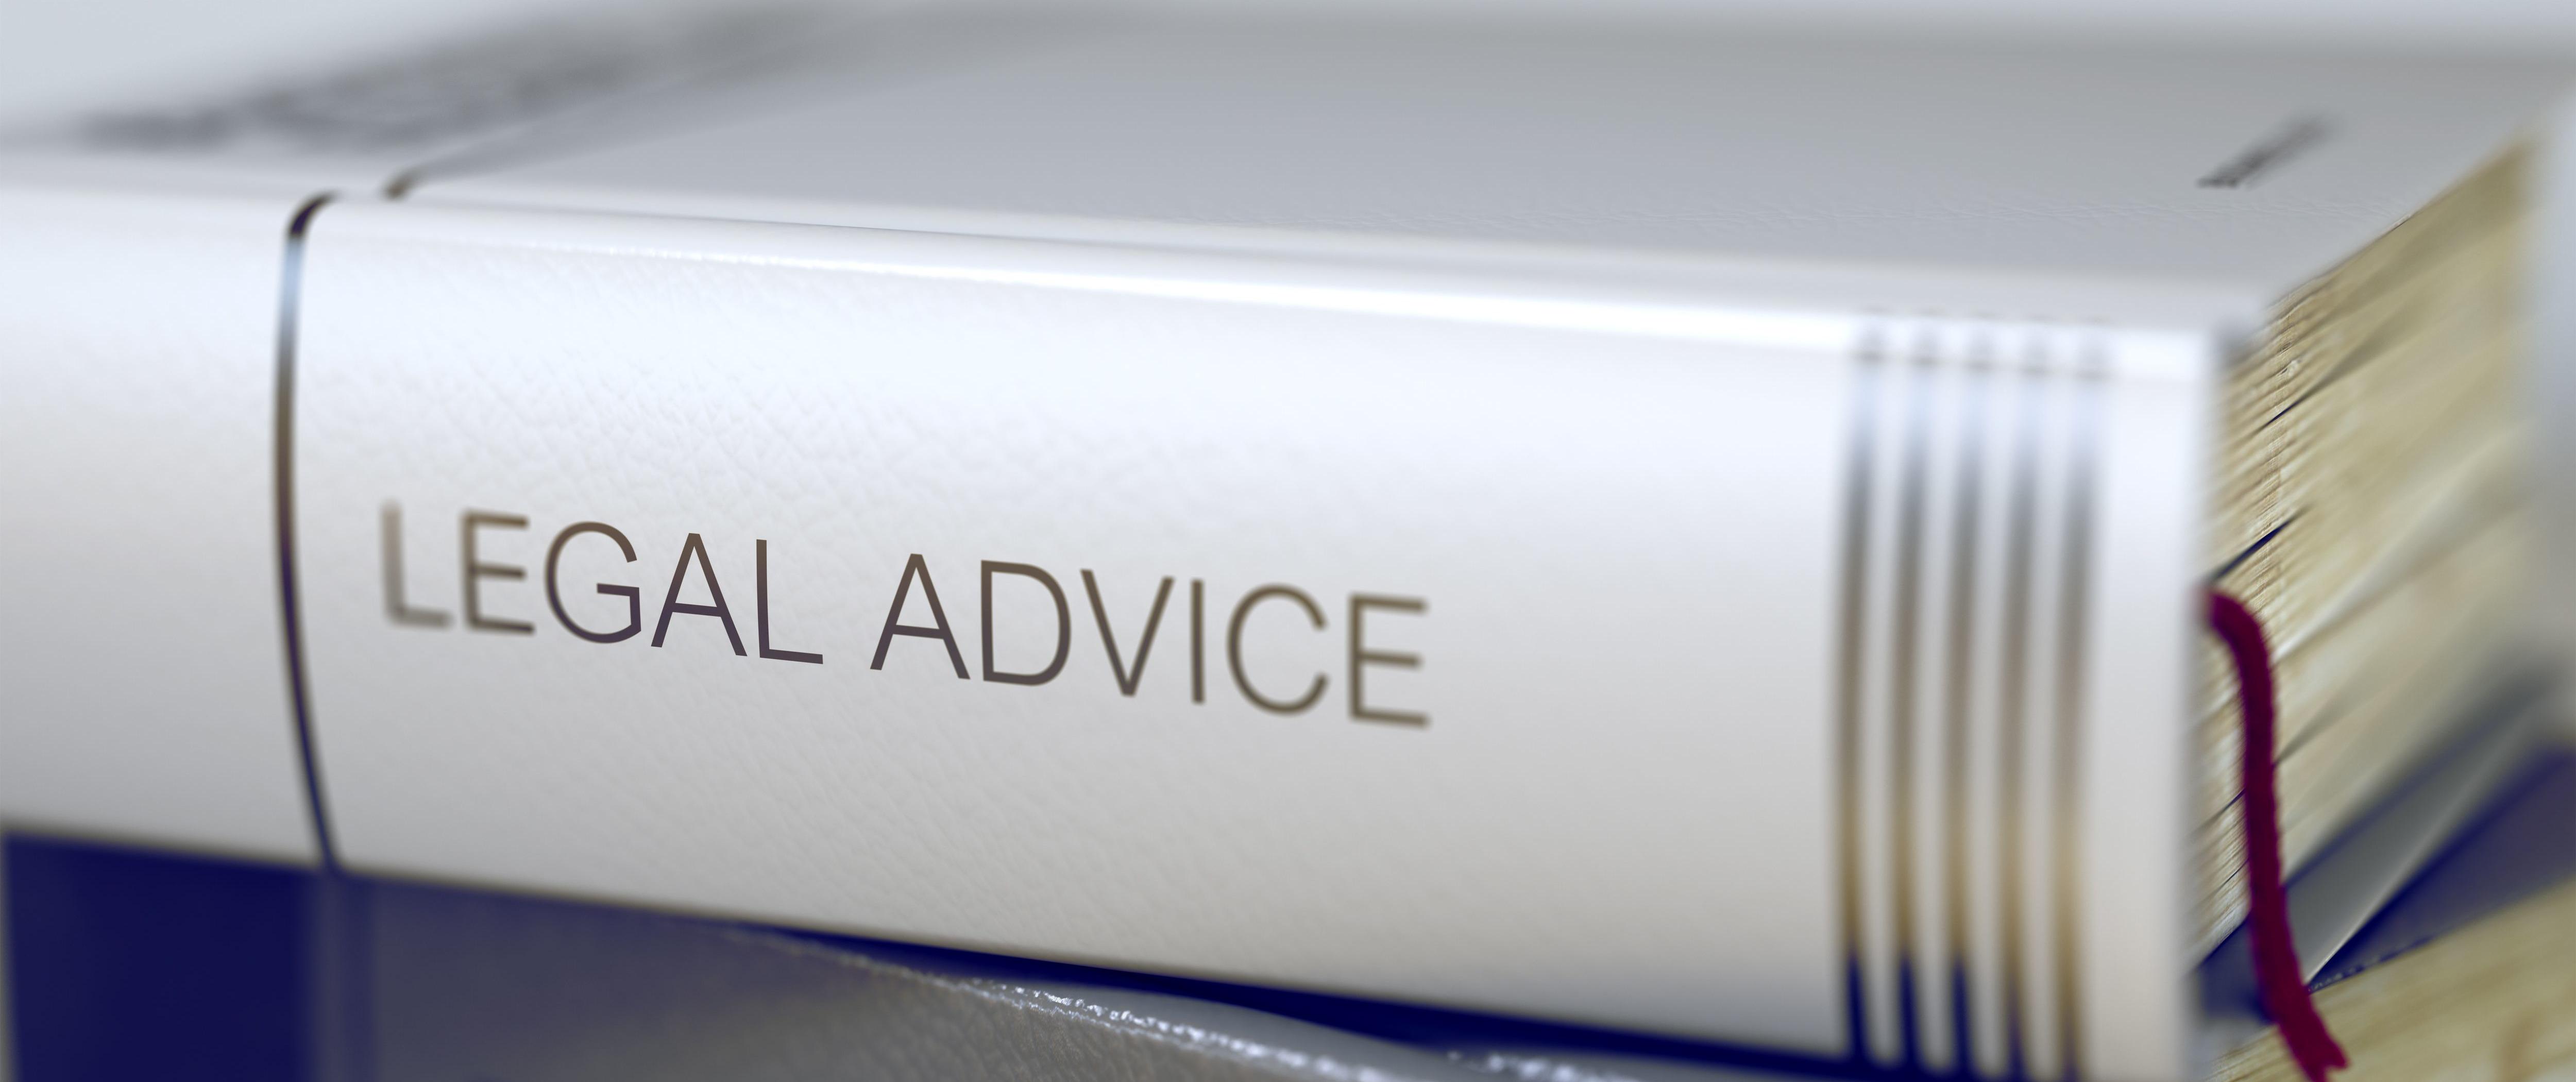 SCC Legal services